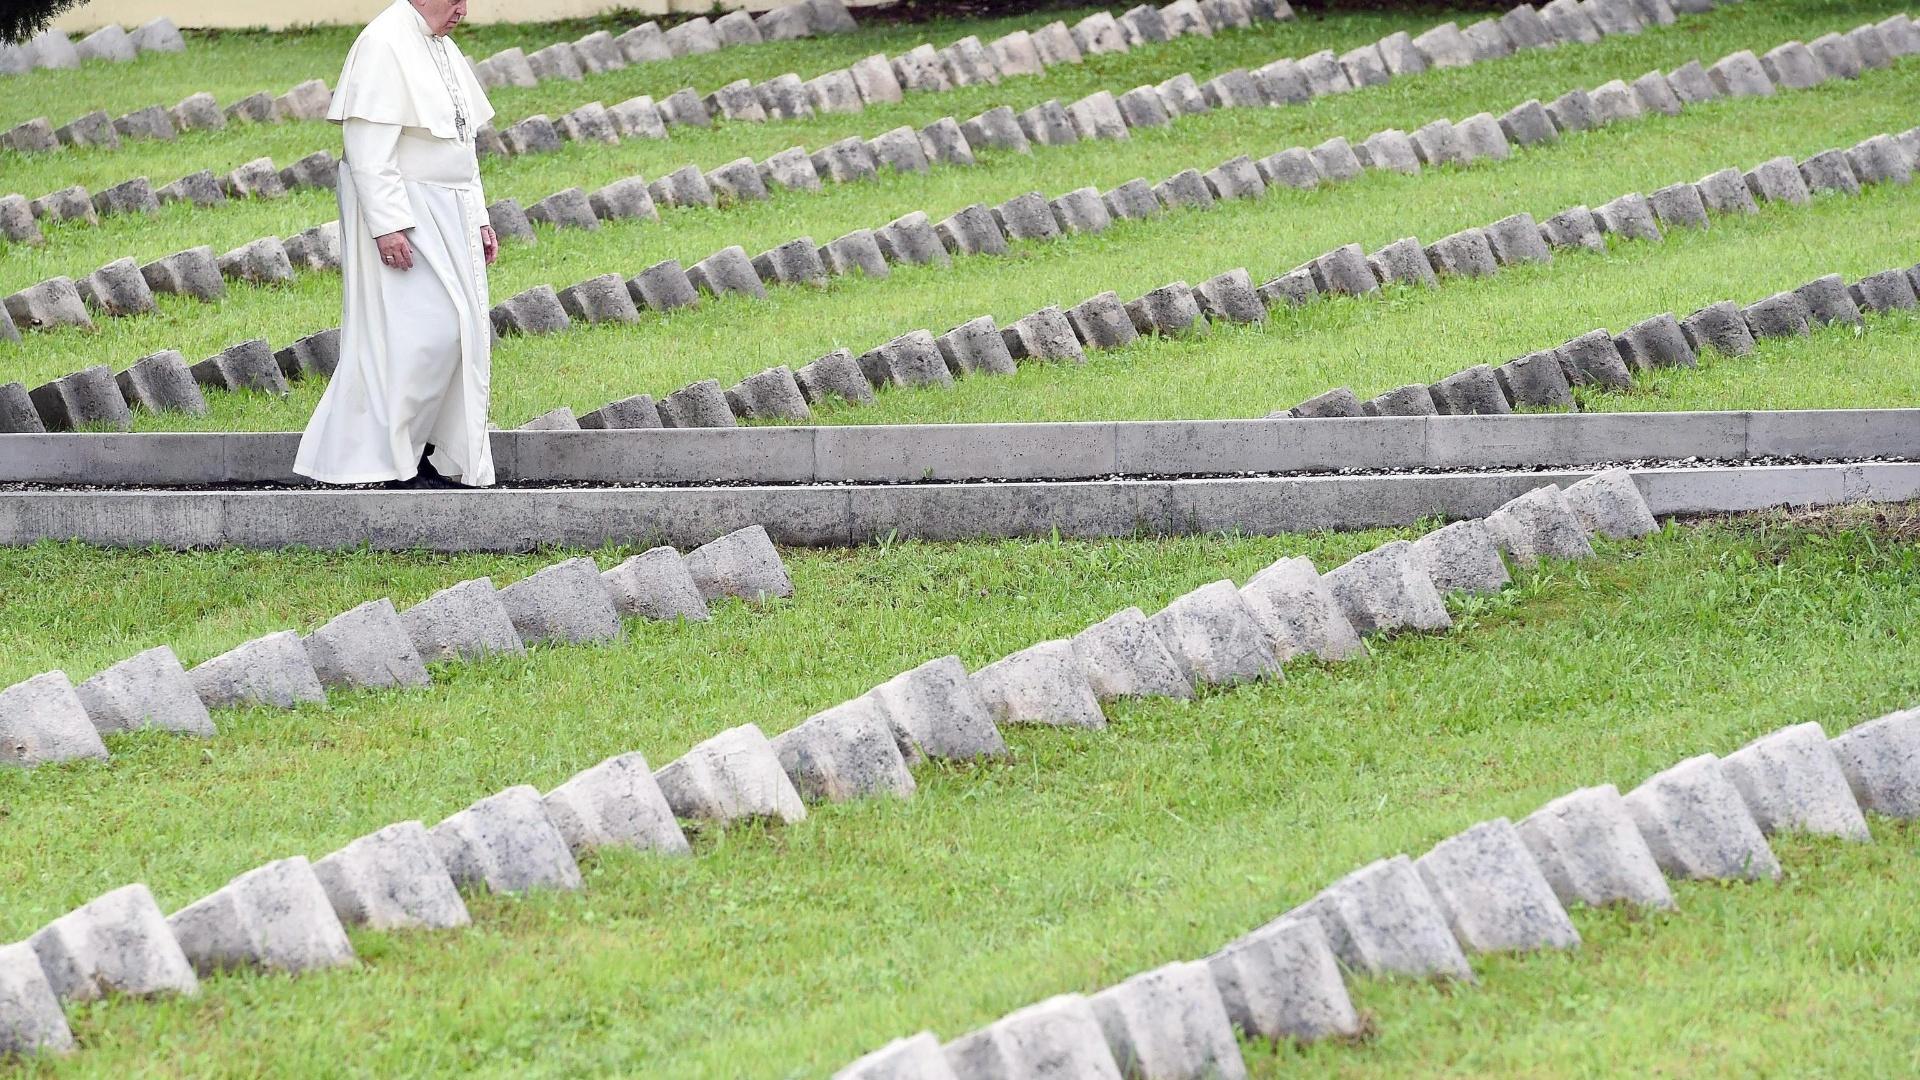 13.set.2014 - O papa Francisco visita o cemitério austro-húngaro em Fogliano Redipuglia, no norte da Itália, onde jazem soldados que morreram no front durante a Primeira Guerra Mundial (1914-1918)